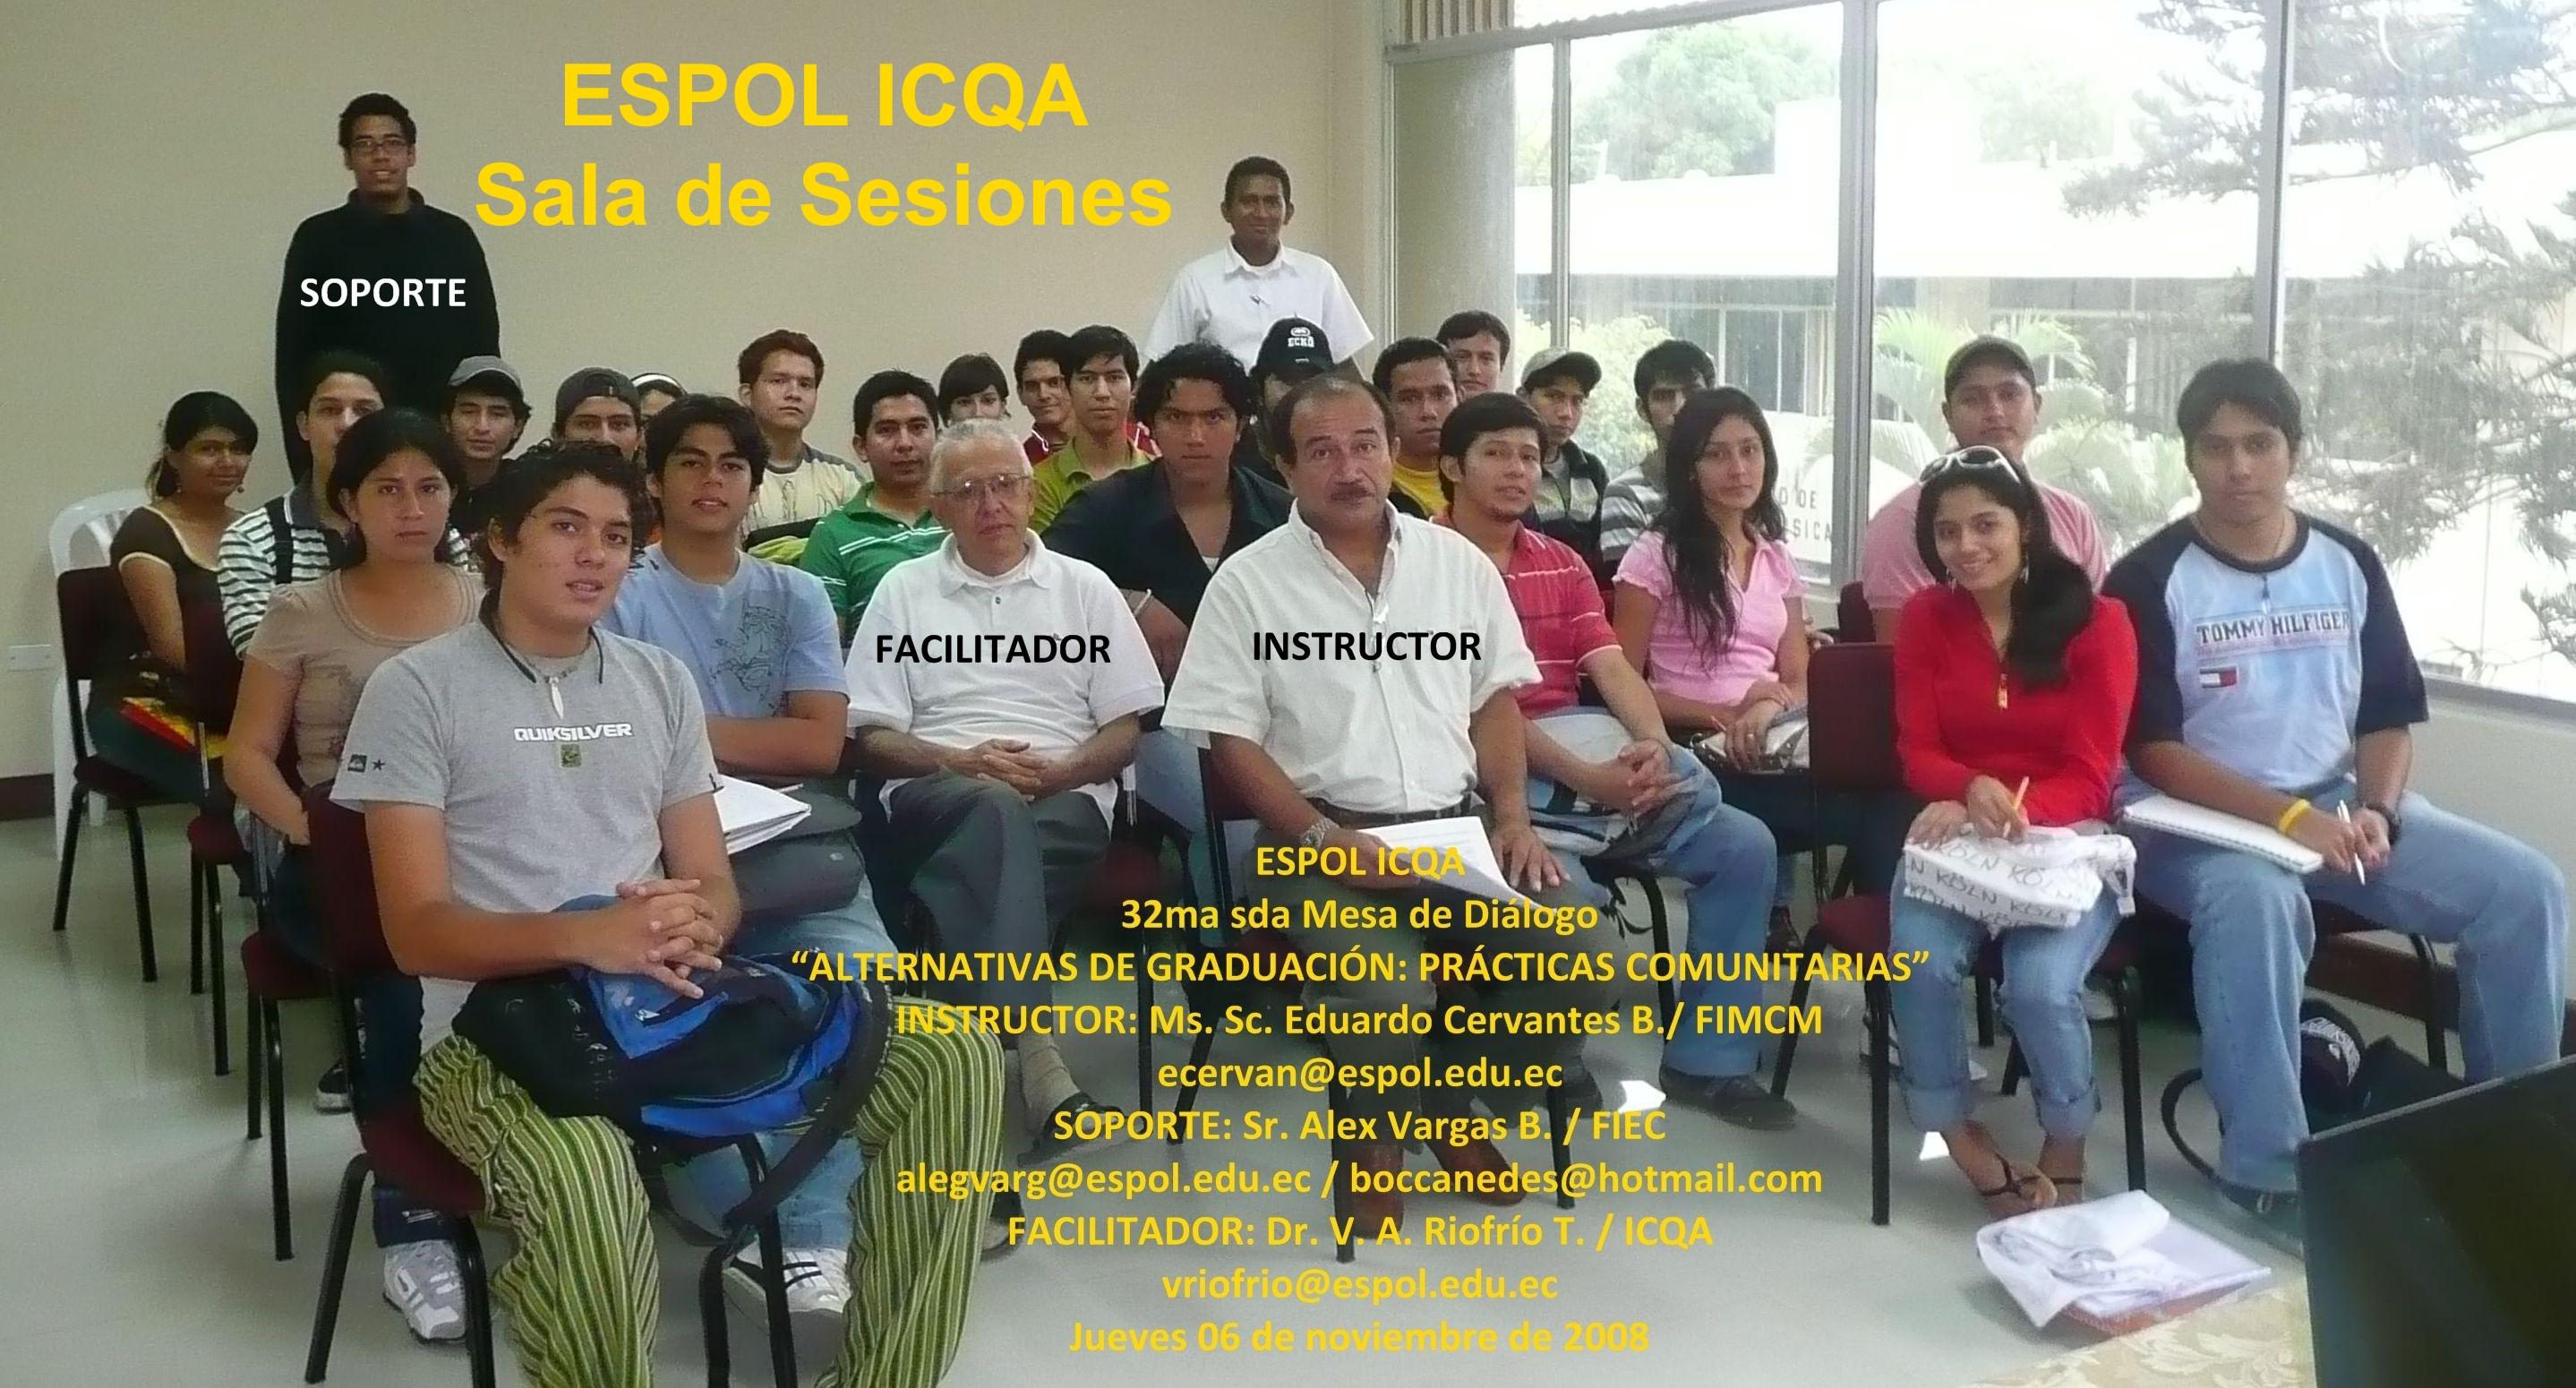 Ms. Sc. Eduardo Cervantes B./ FIMCM